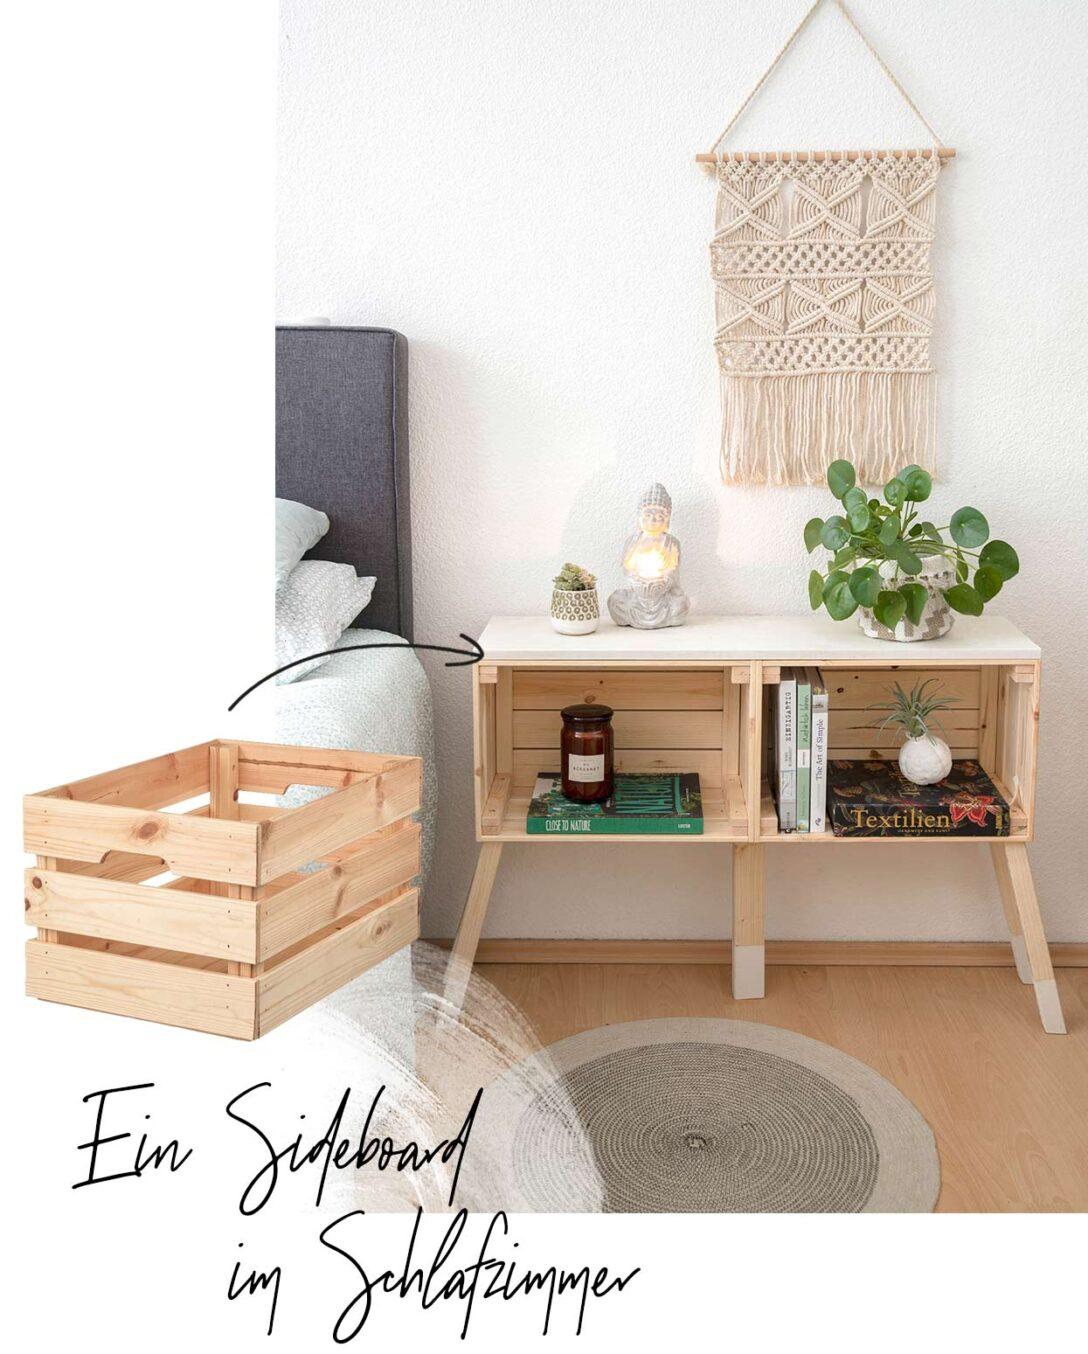 Large Size of Deko Sideboard Mit Ikea Kisten Selber Bauen Wohnklamotte Küche Arbeitsplatte Schlafzimmer Für Wohnzimmer Badezimmer Wanddeko Dekoration Wohnzimmer Deko Sideboard